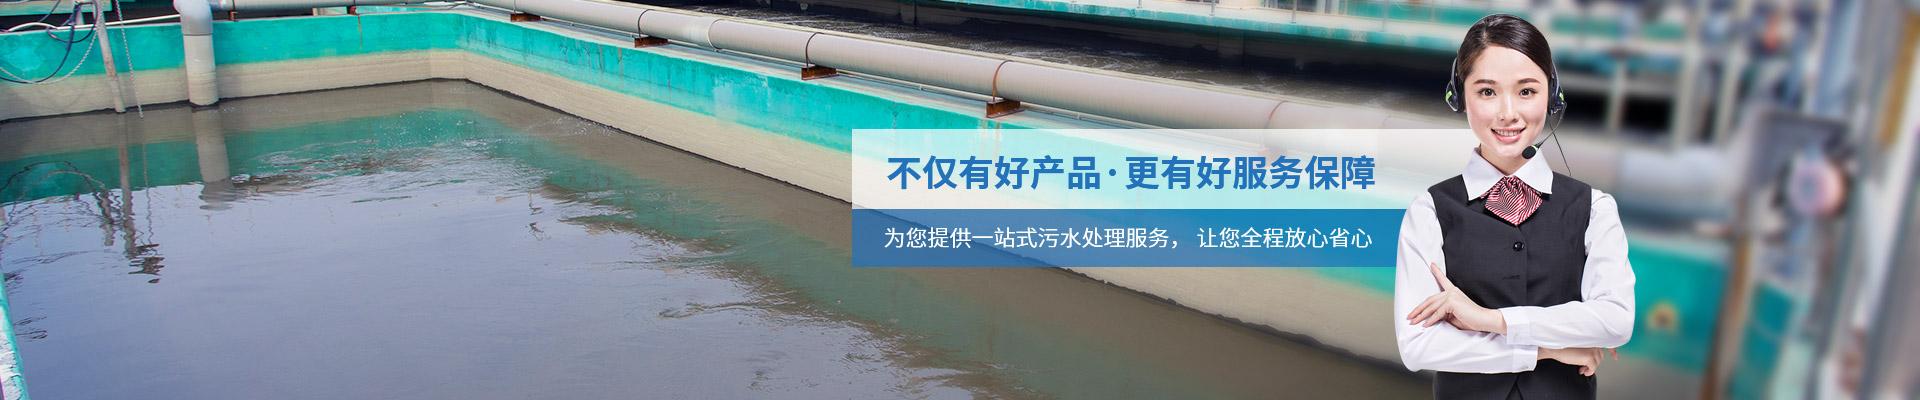 俊三-为您提供一站式污水处理服务, 让您全程放心省心